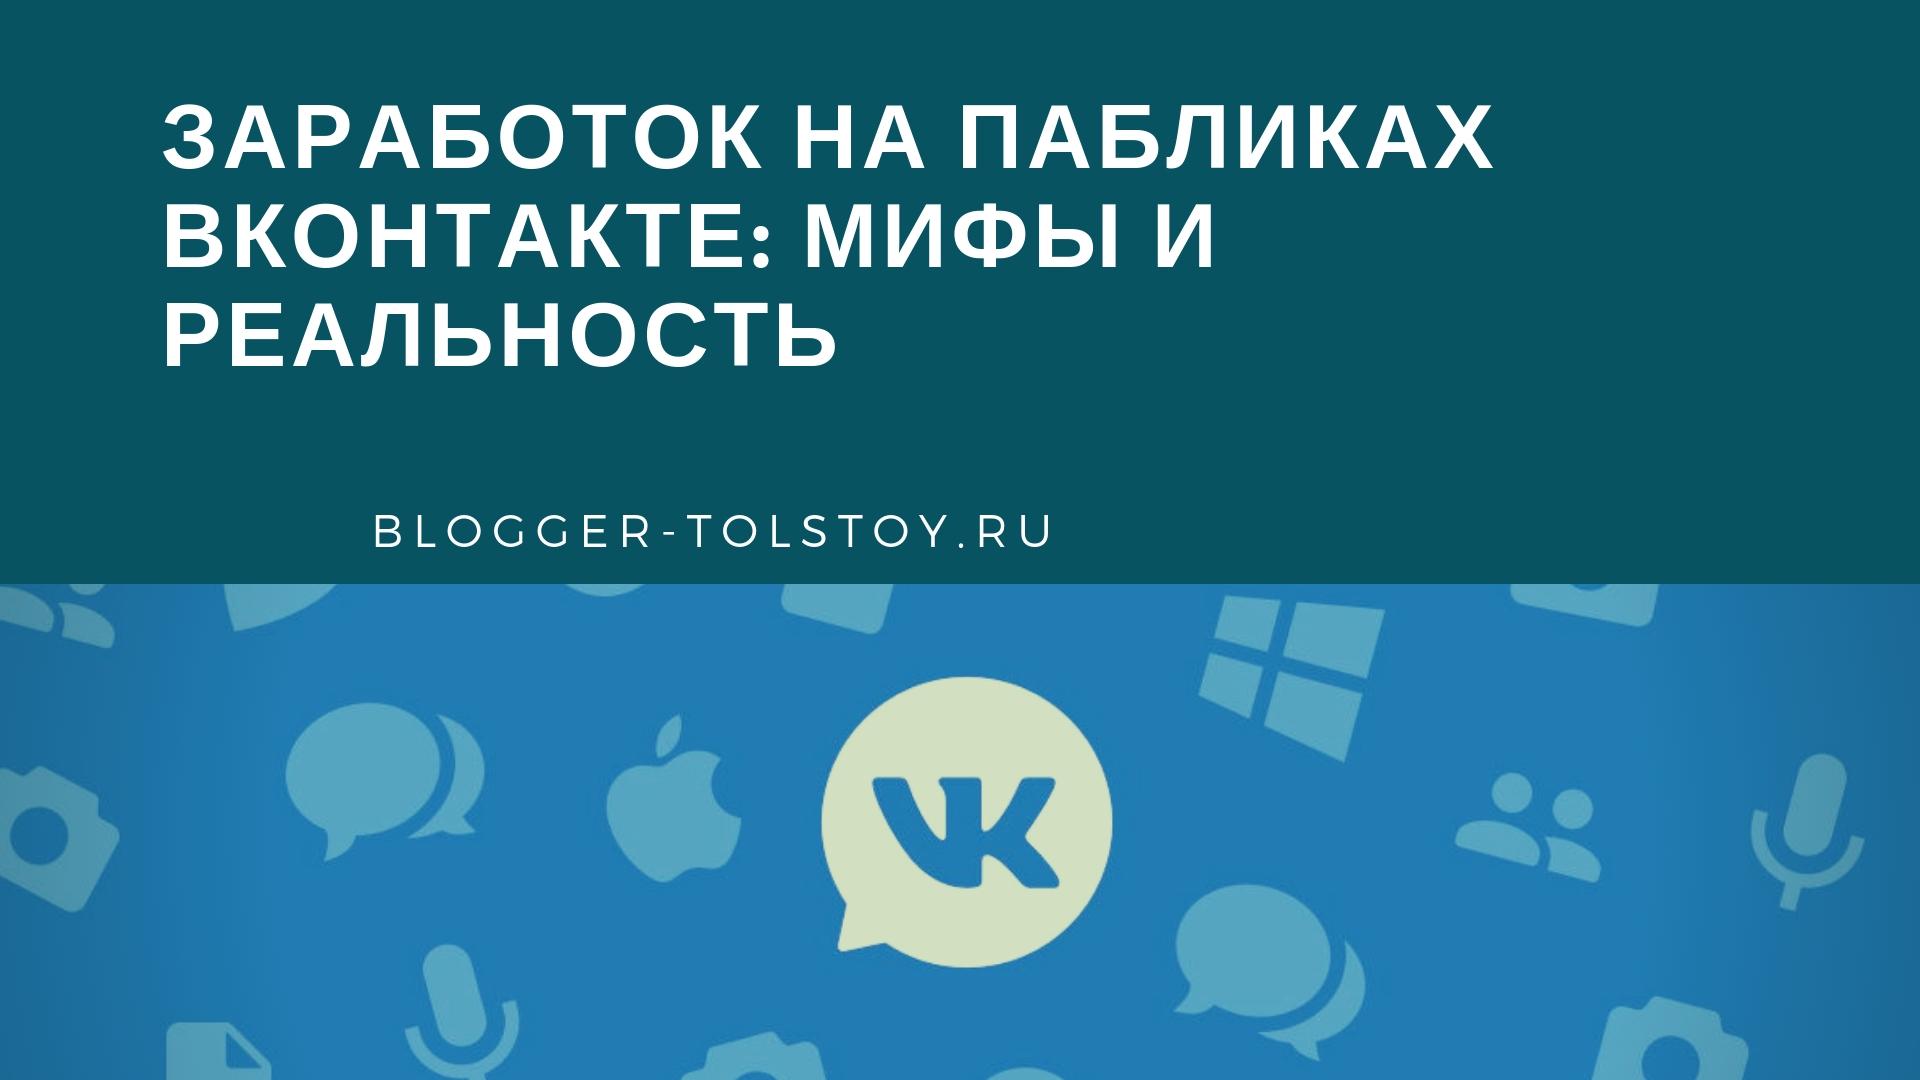 Заработок на пабликах вконтакте